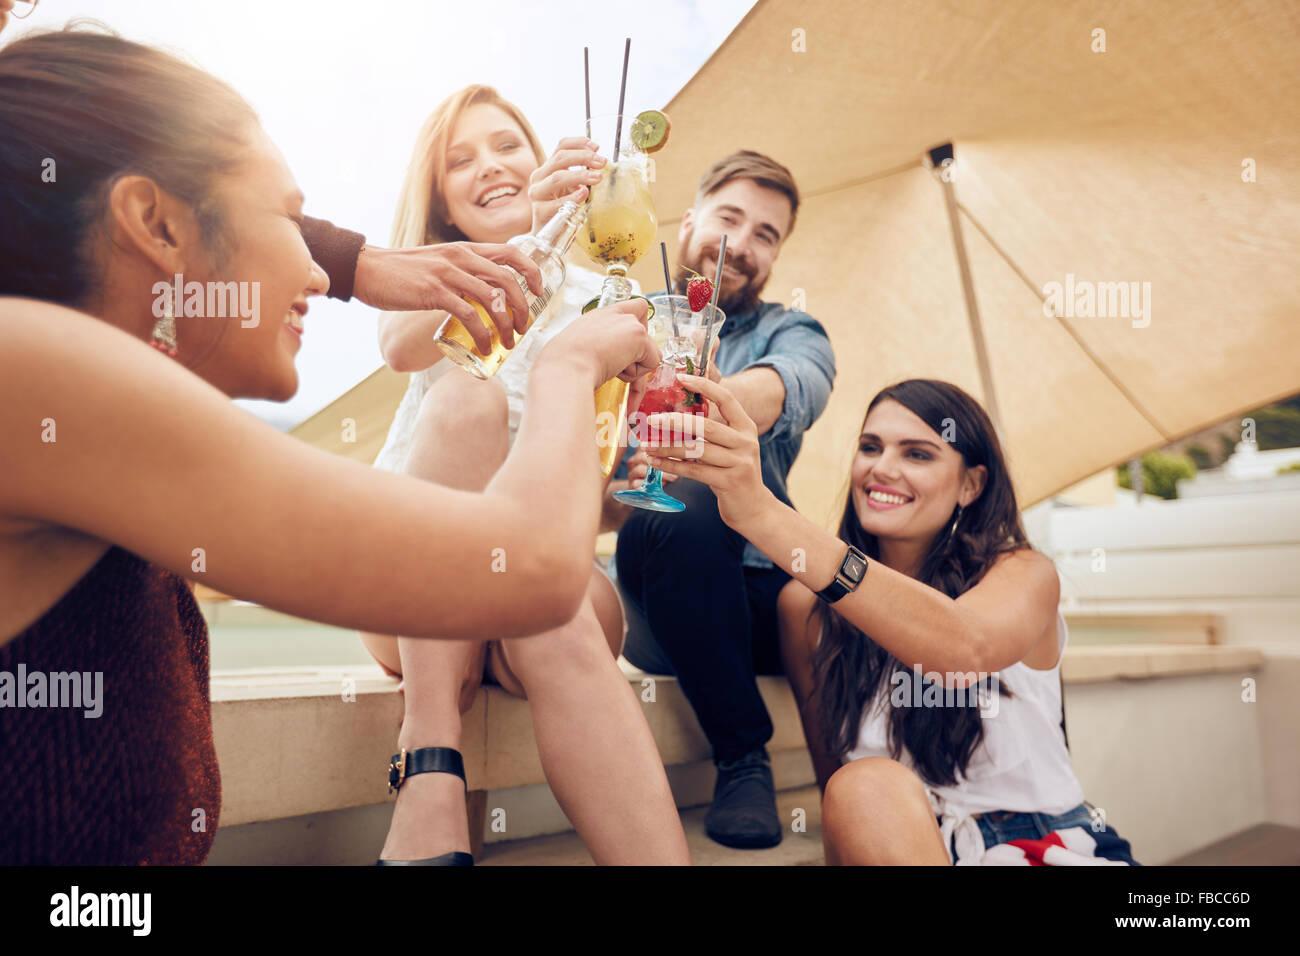 Grupo de jóvenes felices animando con cócteles y sonriente mientras la fiesta juntos en la azotea. Jóvenes Imagen De Stock